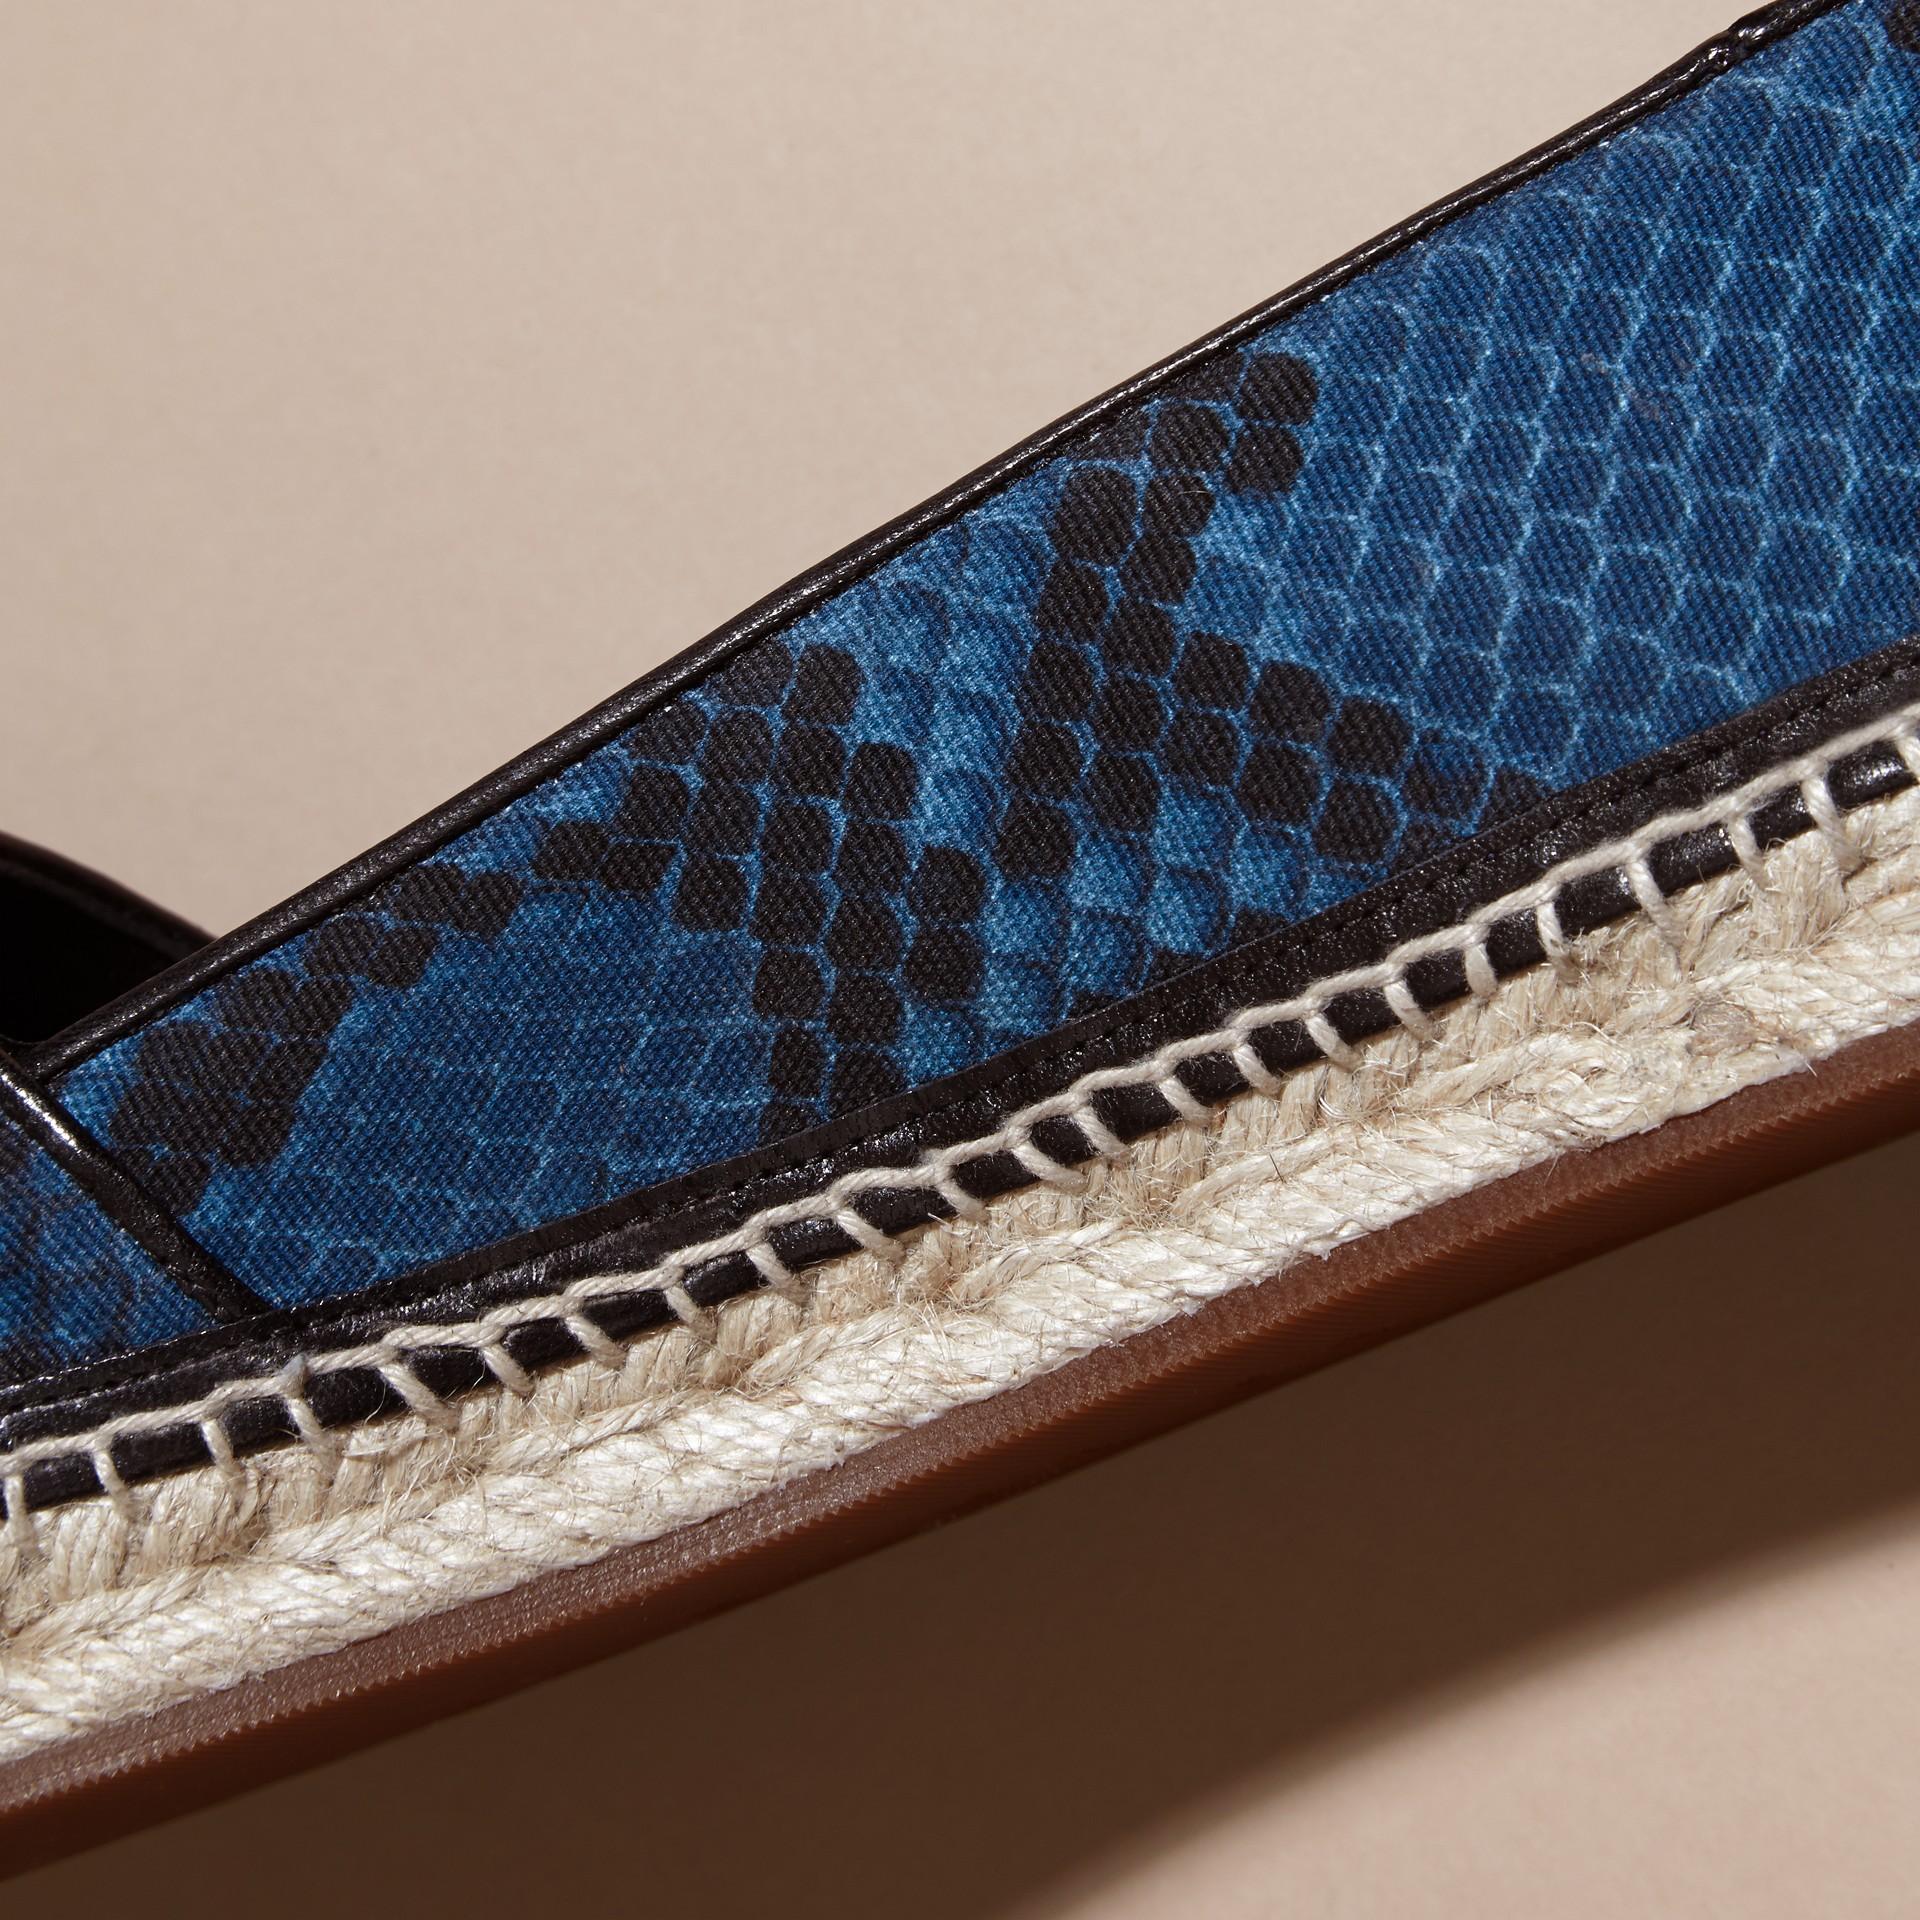 Bleu minéral Espadrilles en cuir et coton à imprimé python avec pampilles Bleu Minéral - photo de la galerie 2